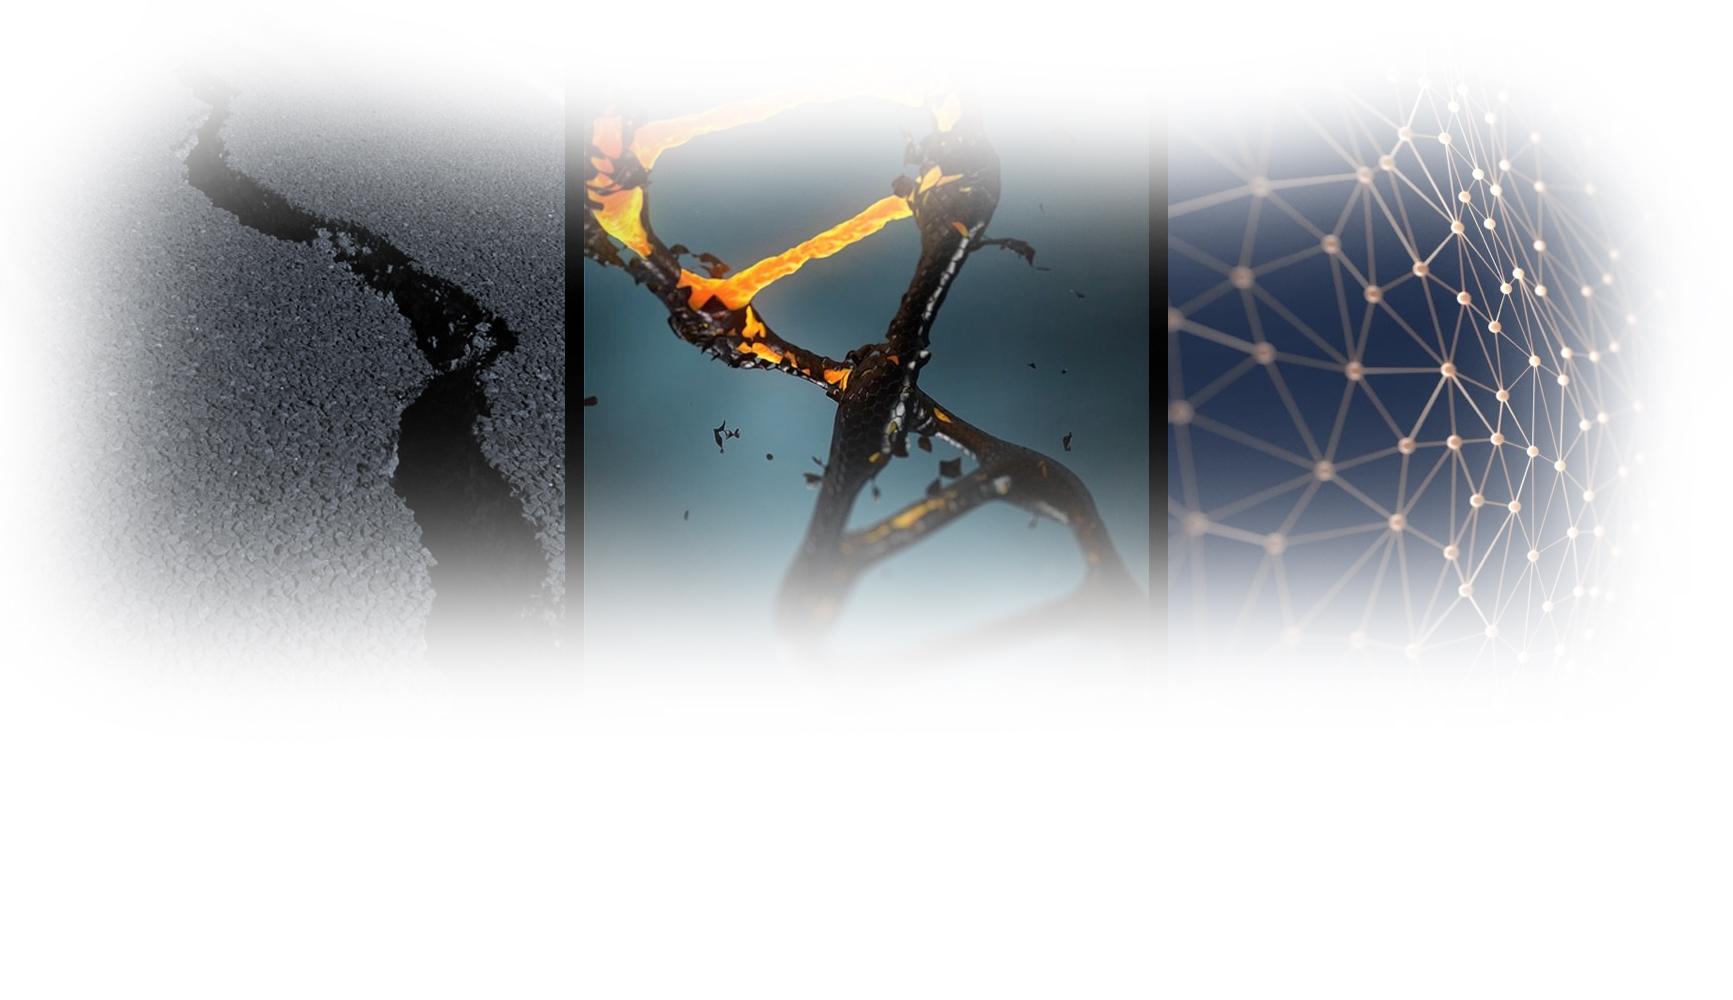 Three Pillars of Risk Analysis